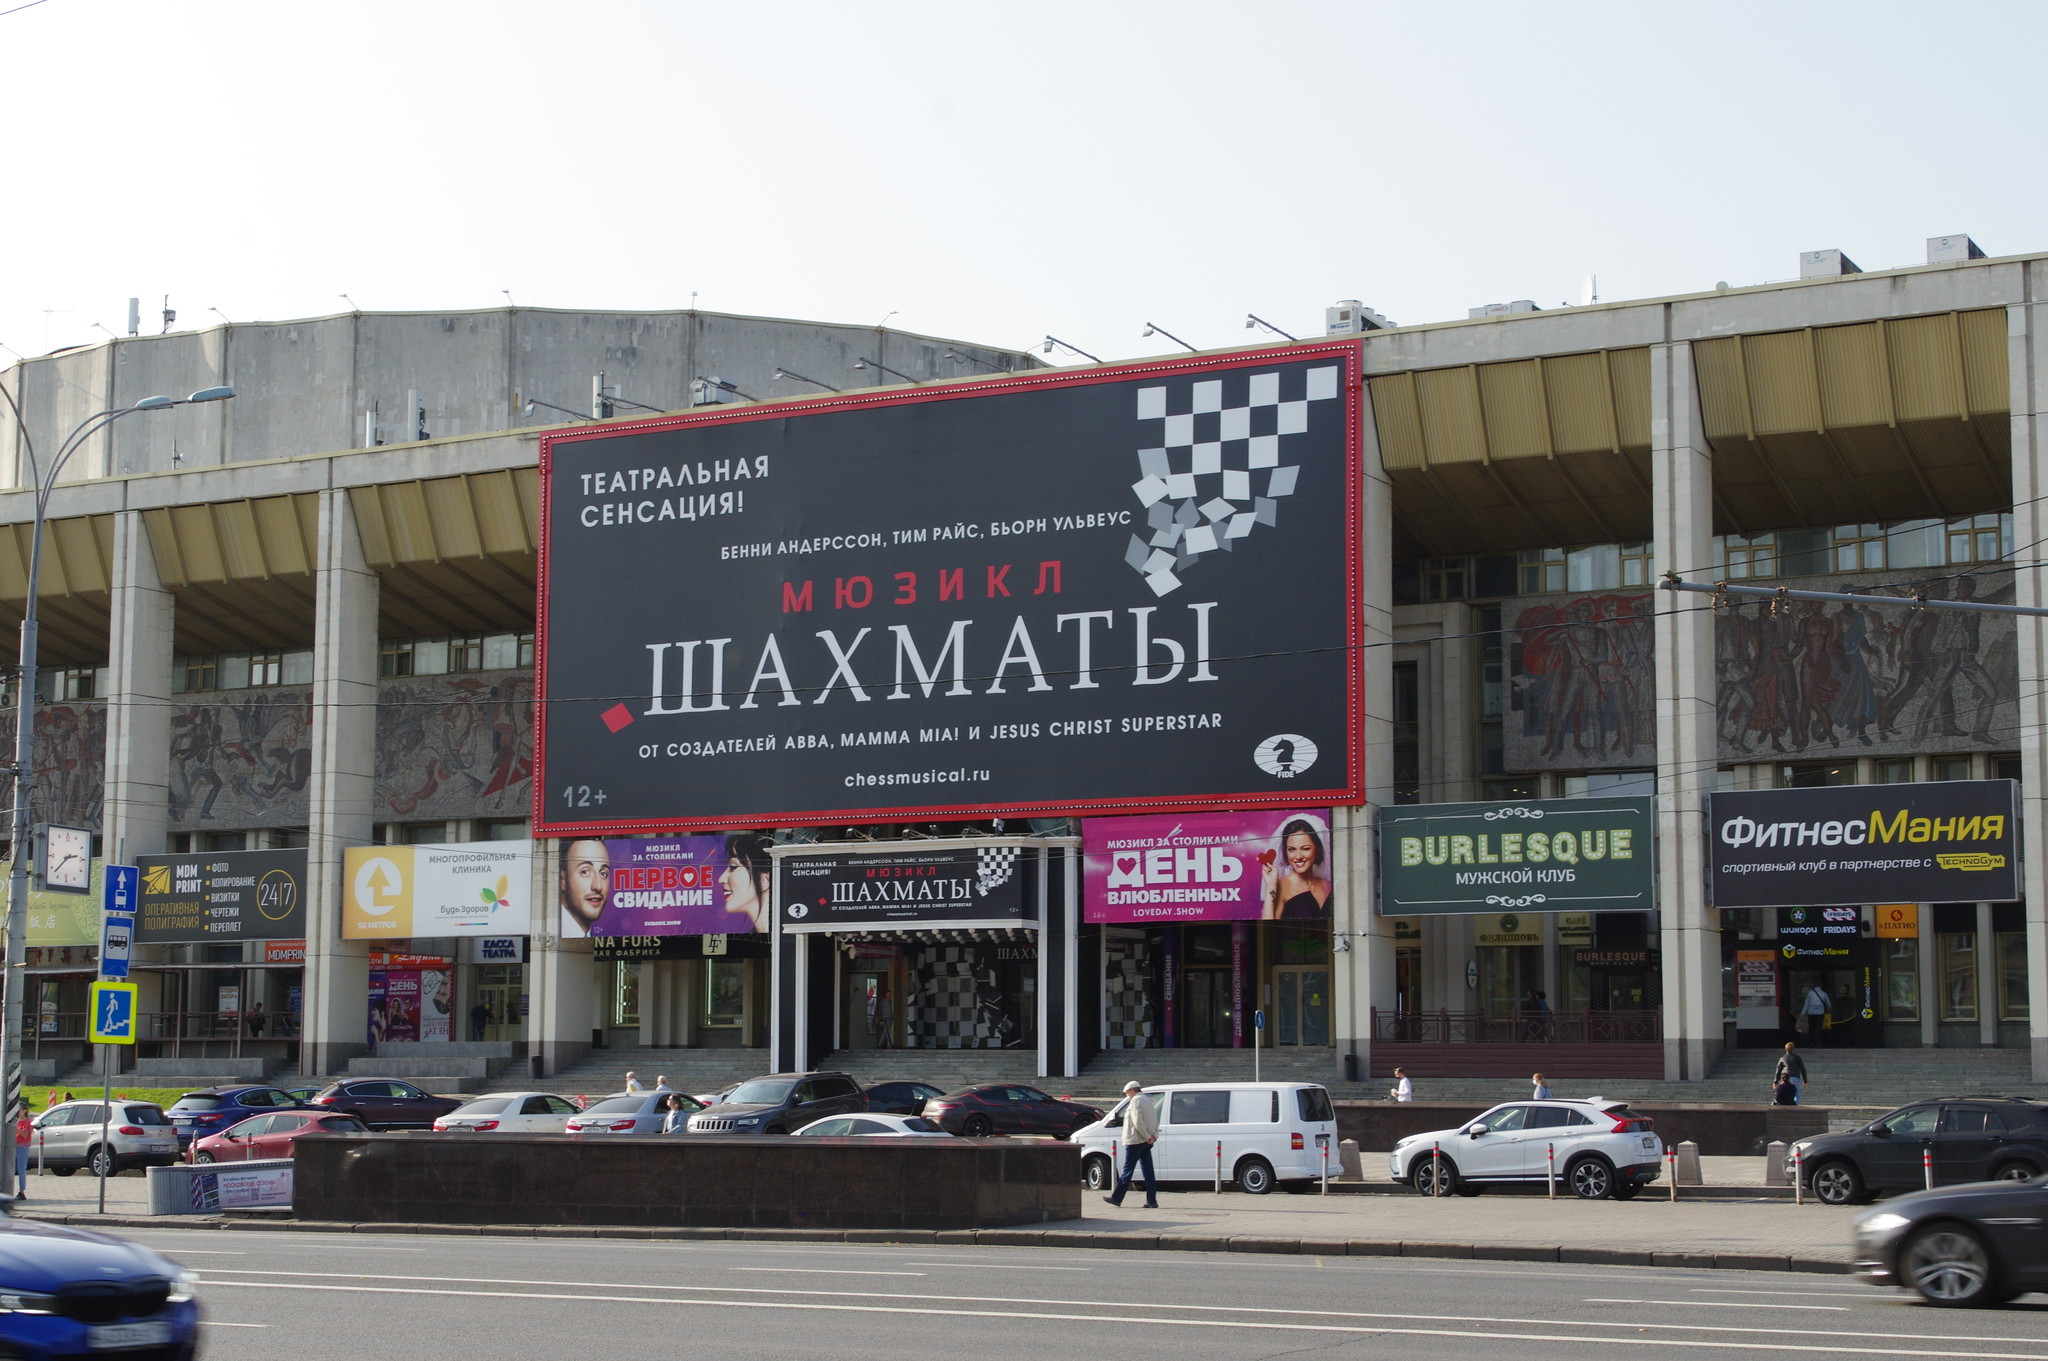 Московский дворец молодежи (Комсомольский проспект, дом 28)